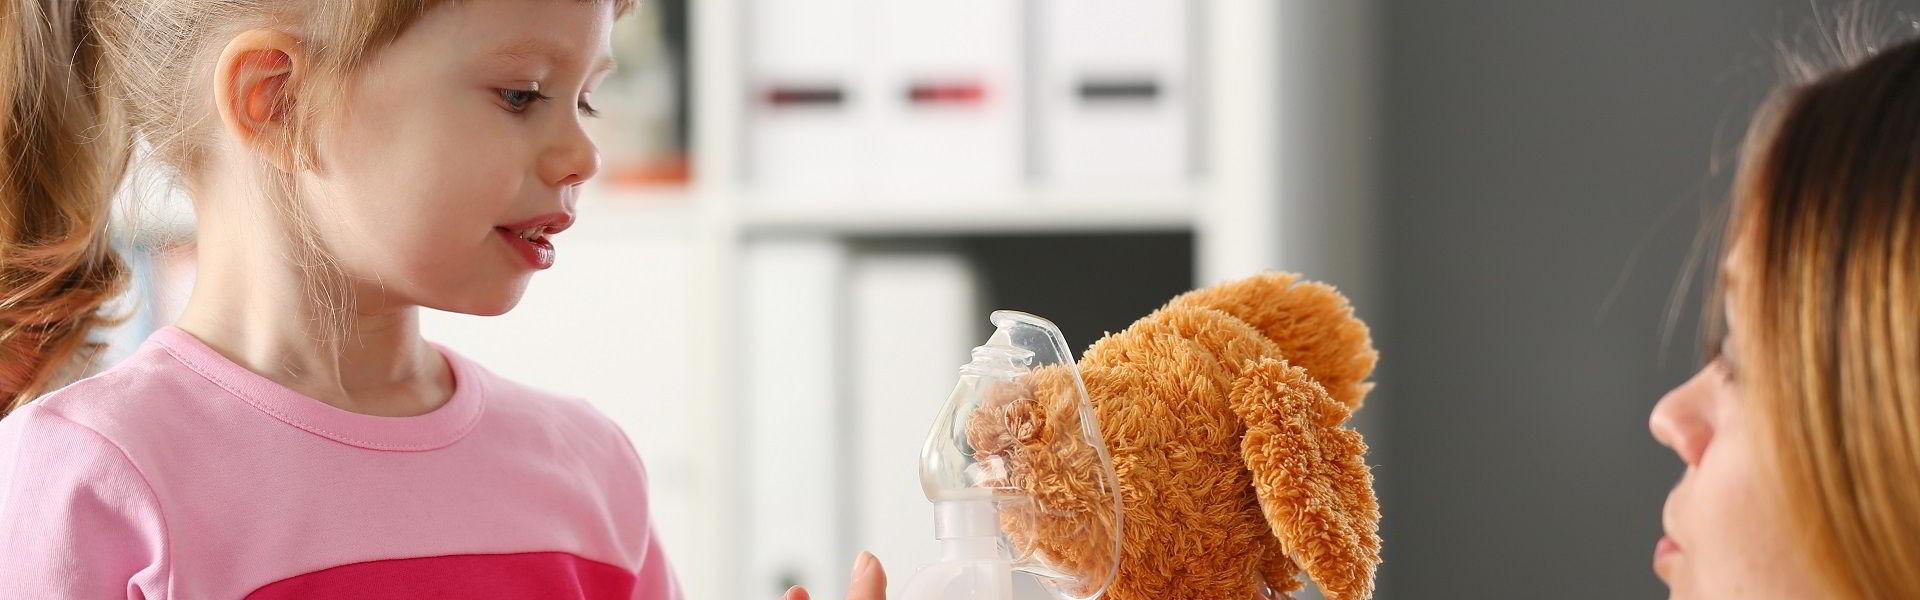 Respiratorisk overvågning af børn